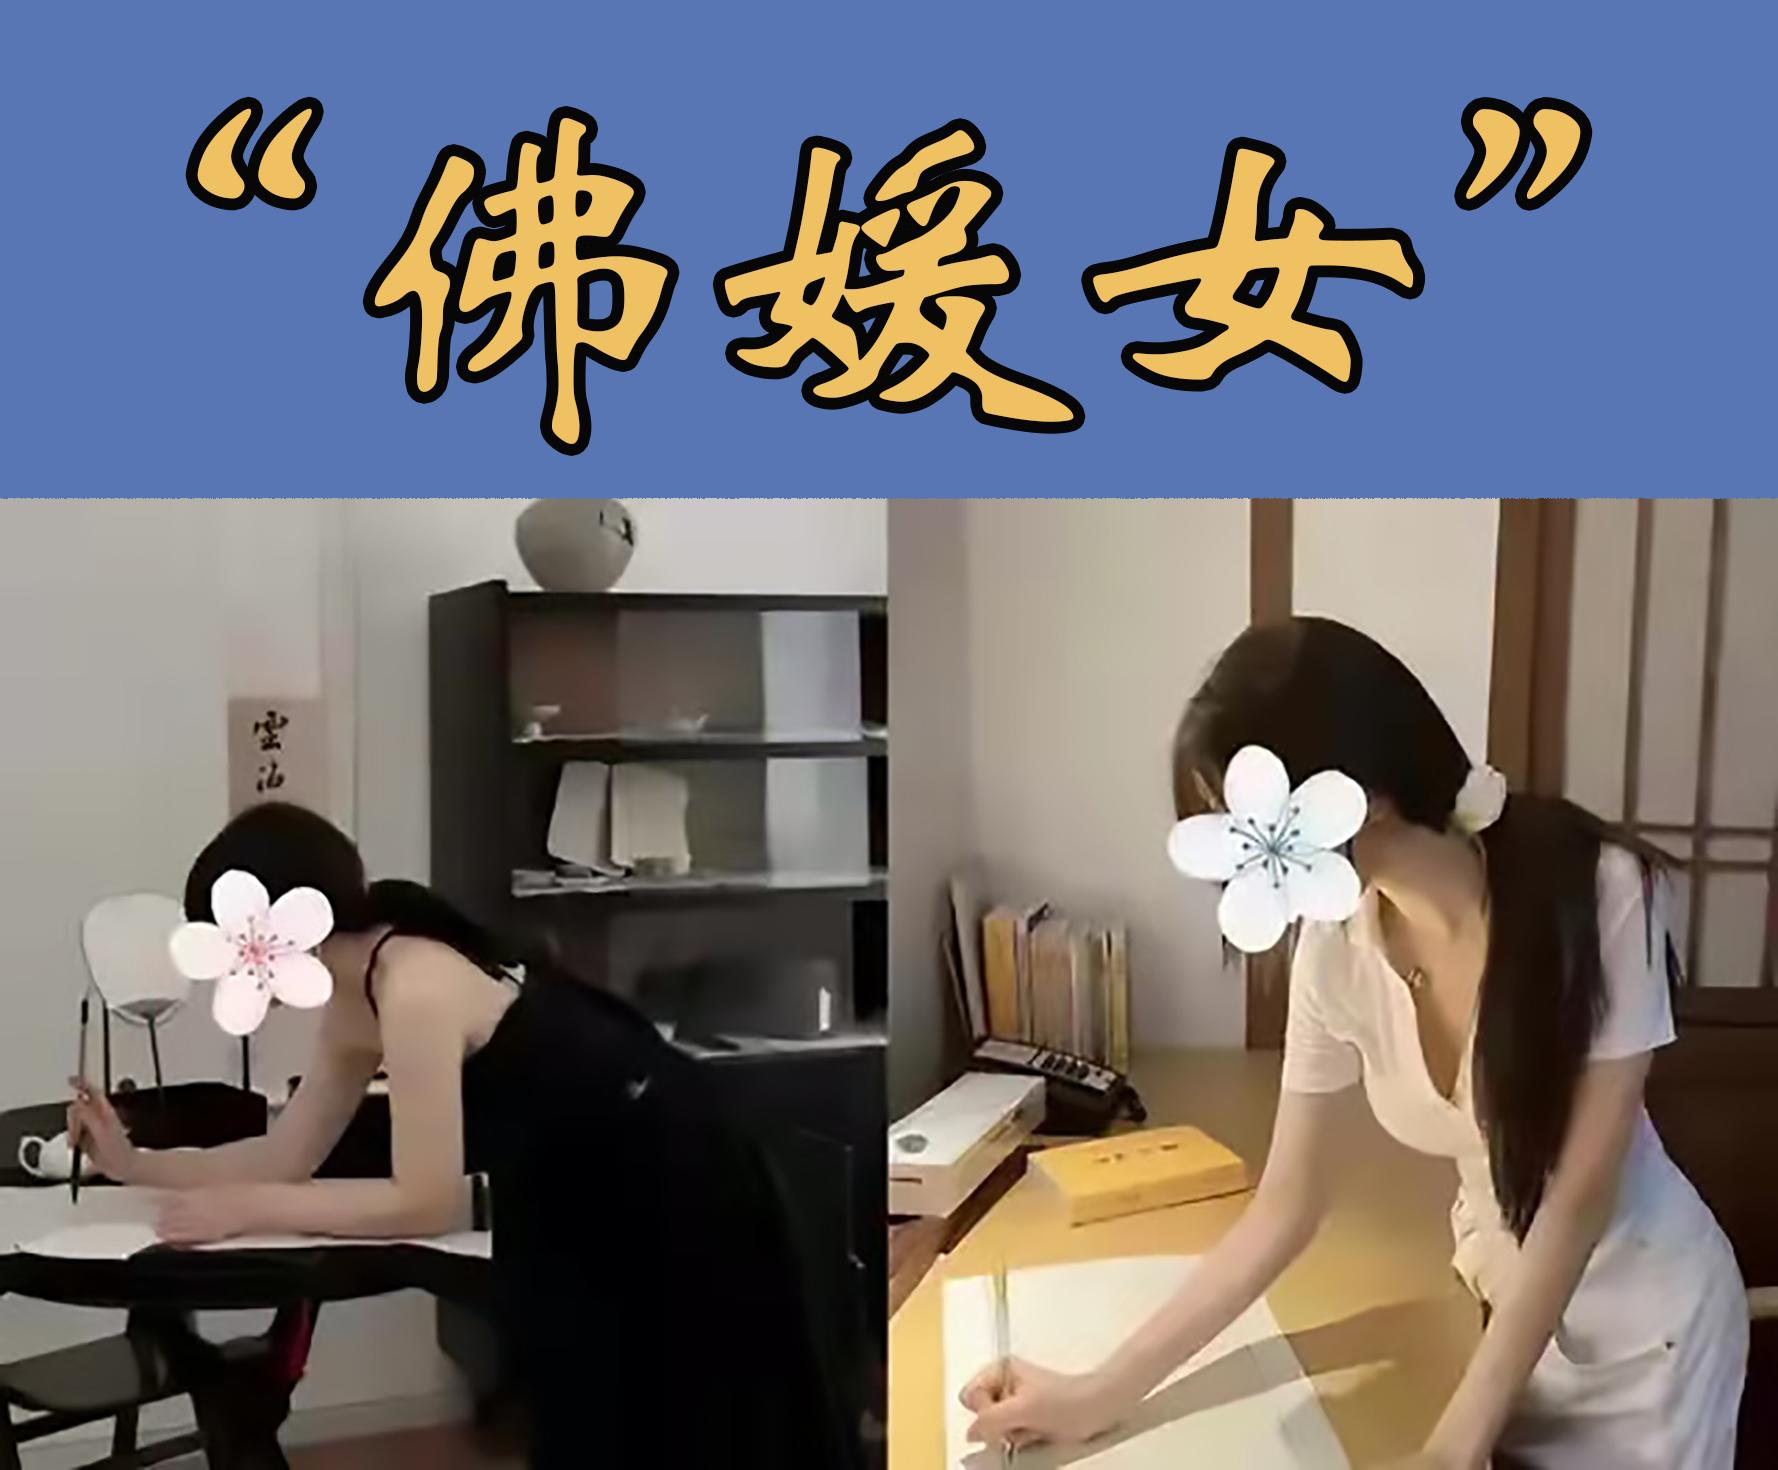 何谓佛媛,抖音快手等平台网红佛媛处罚封禁是什么原因